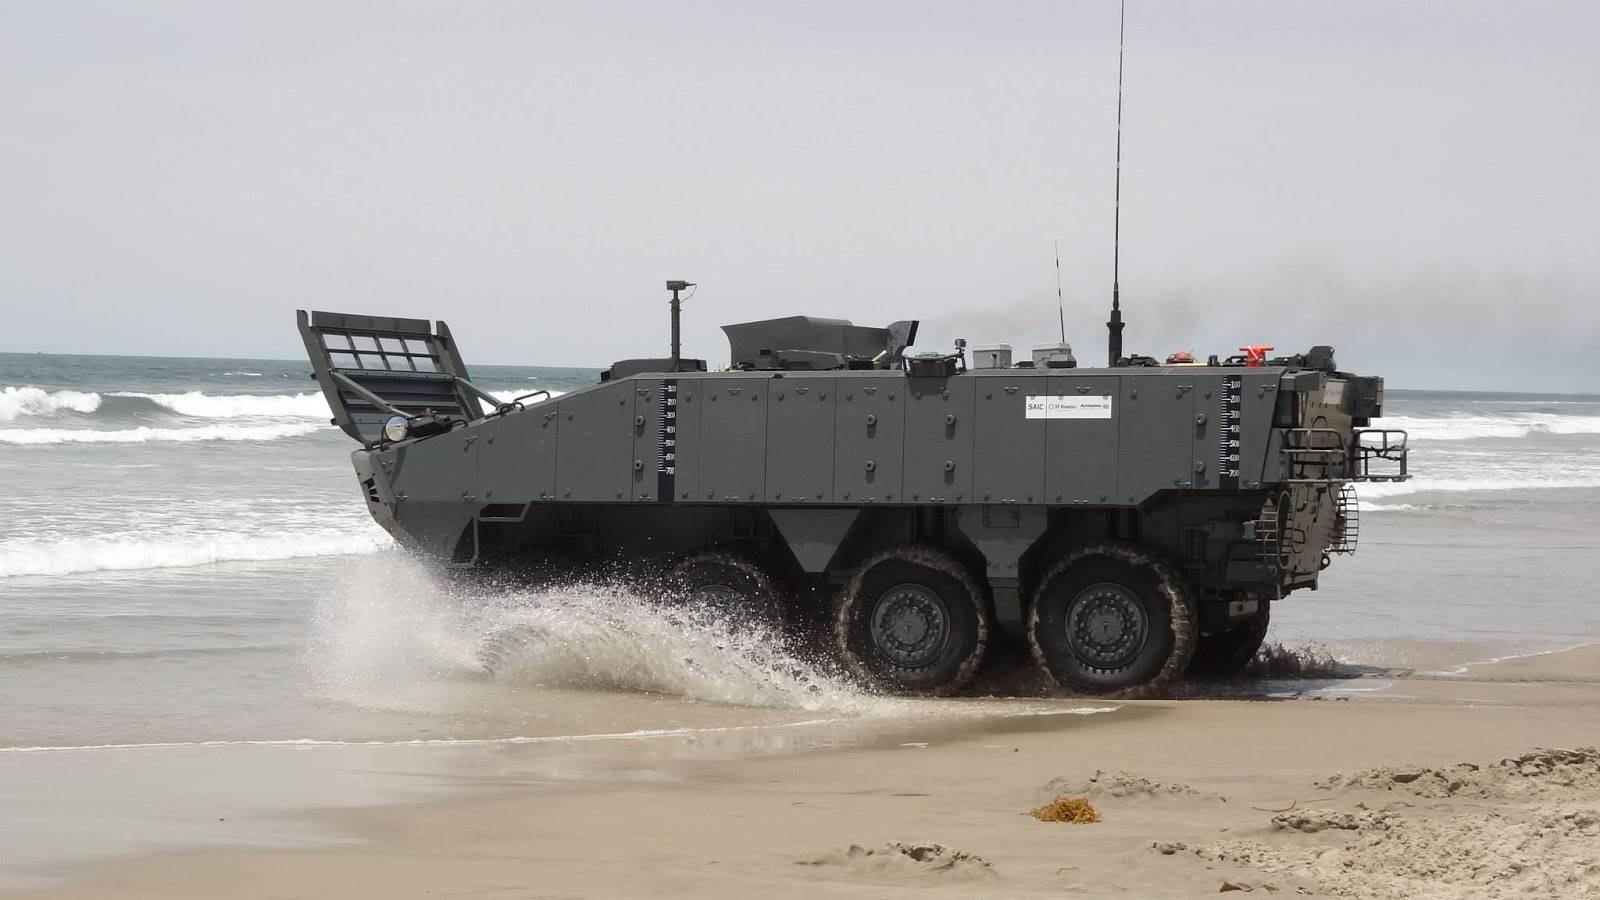 美海军陆战队新战车技不如人,虽技术升级,性能却隐患重重!